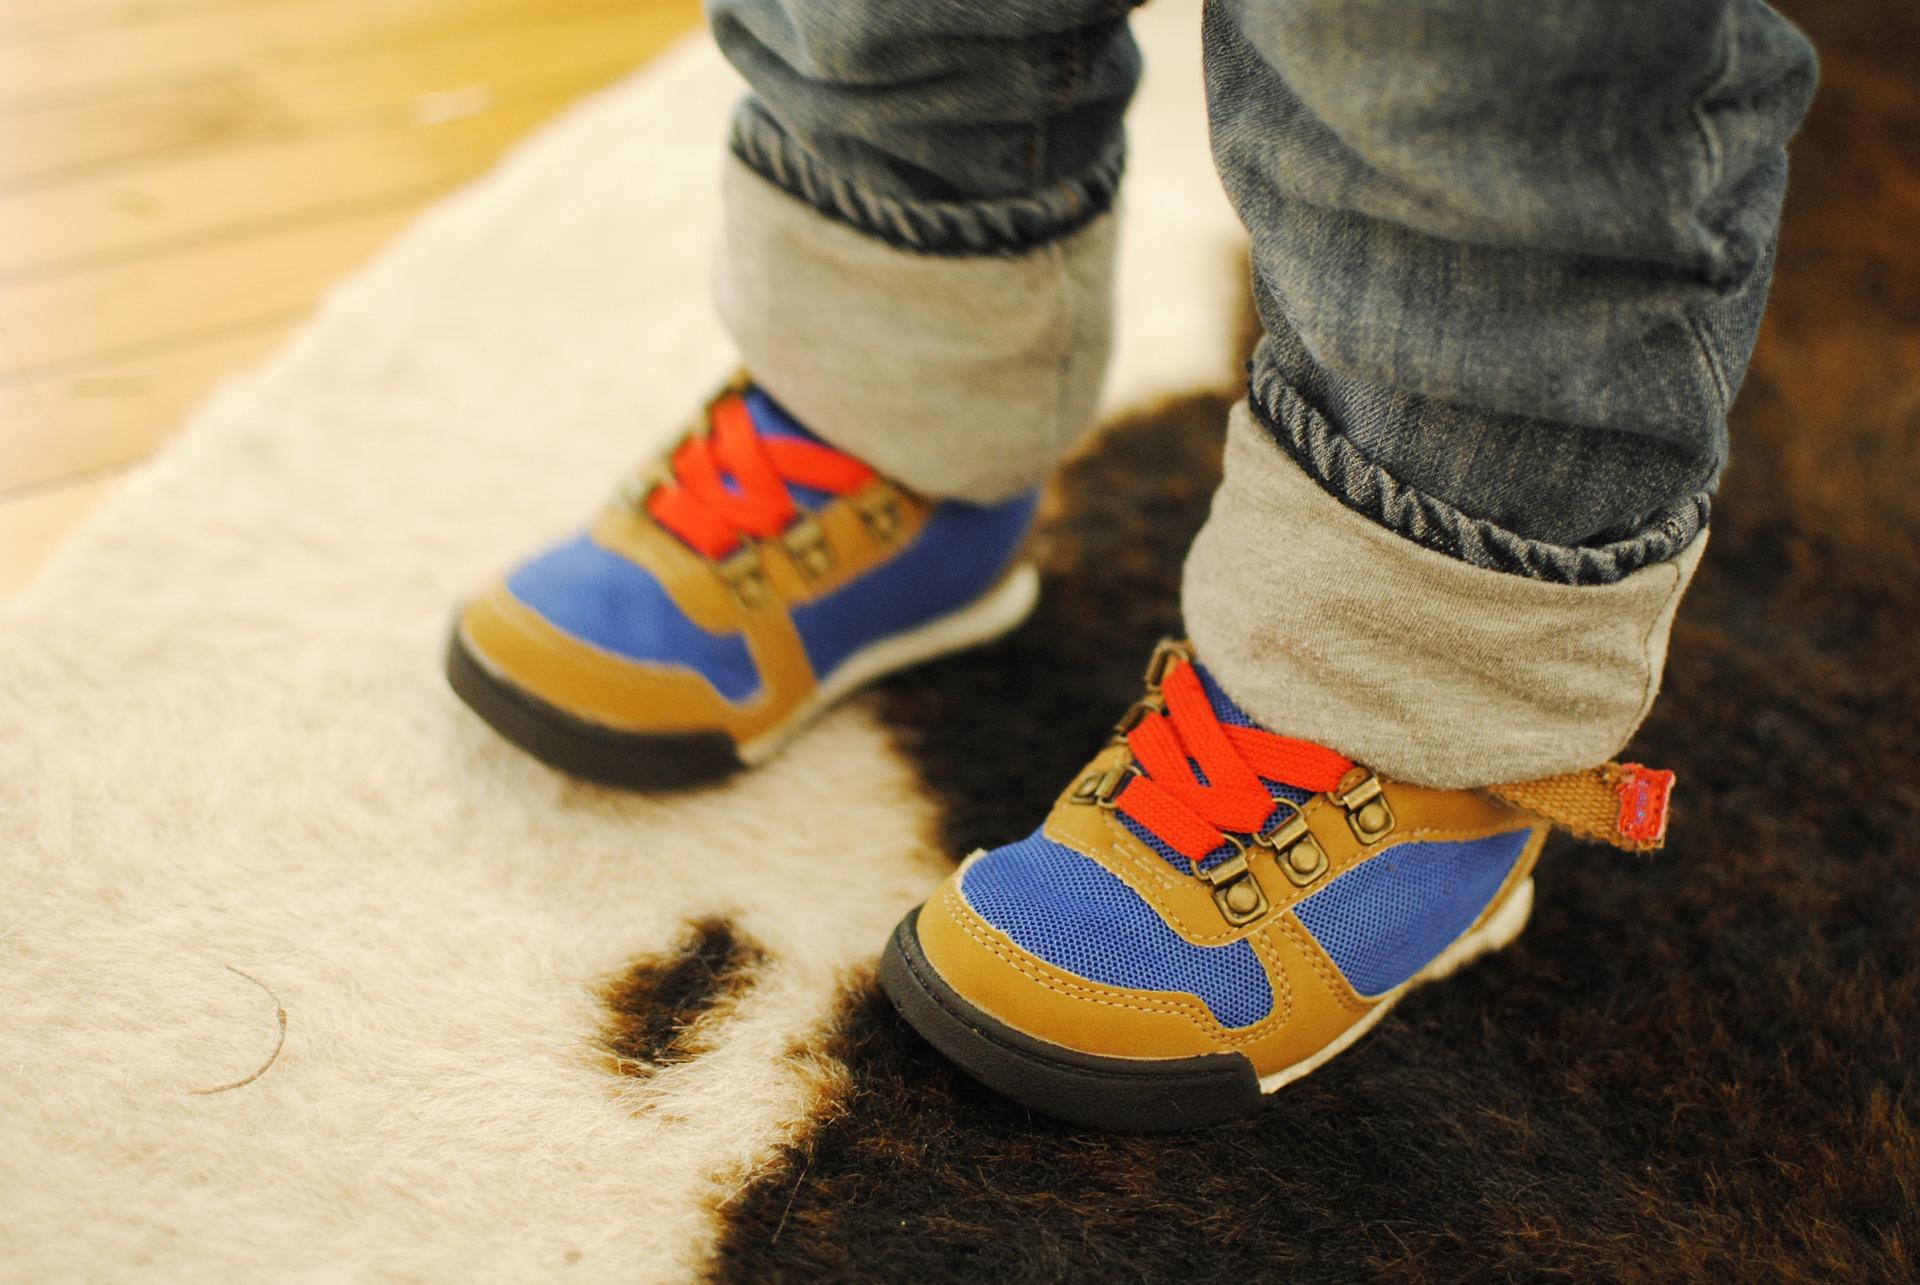 Антиварусне взуття для дітей: як підібрати правильну модель